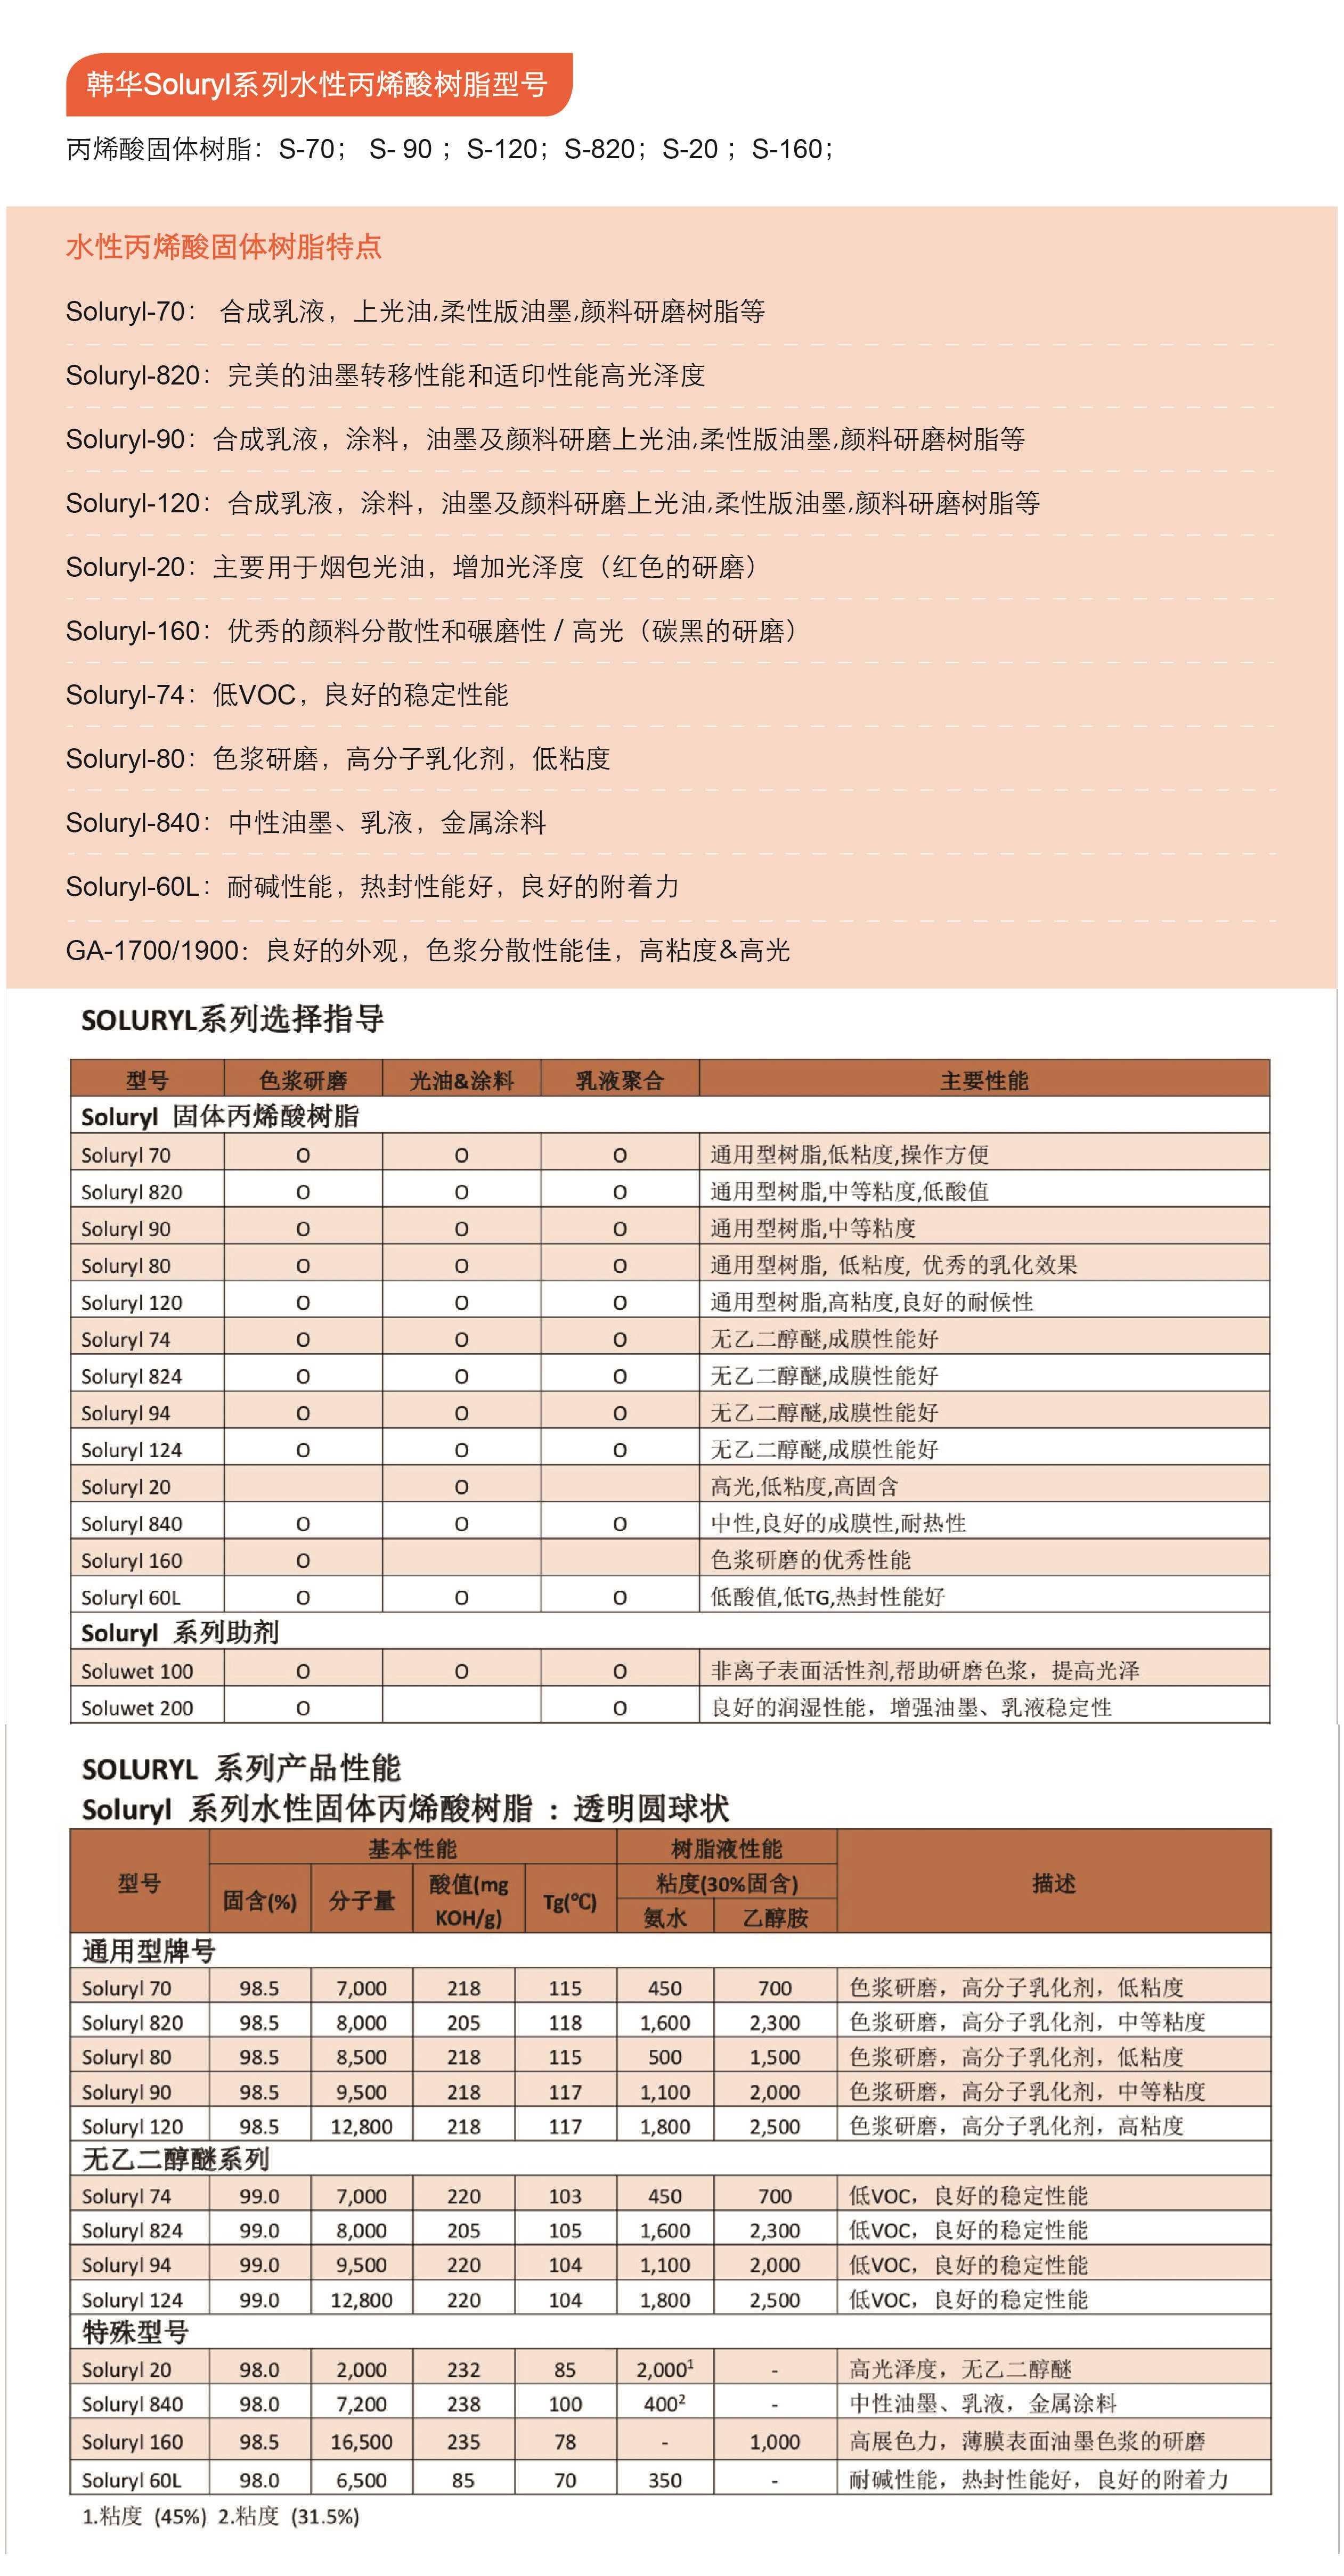 文华网站二级目录-04